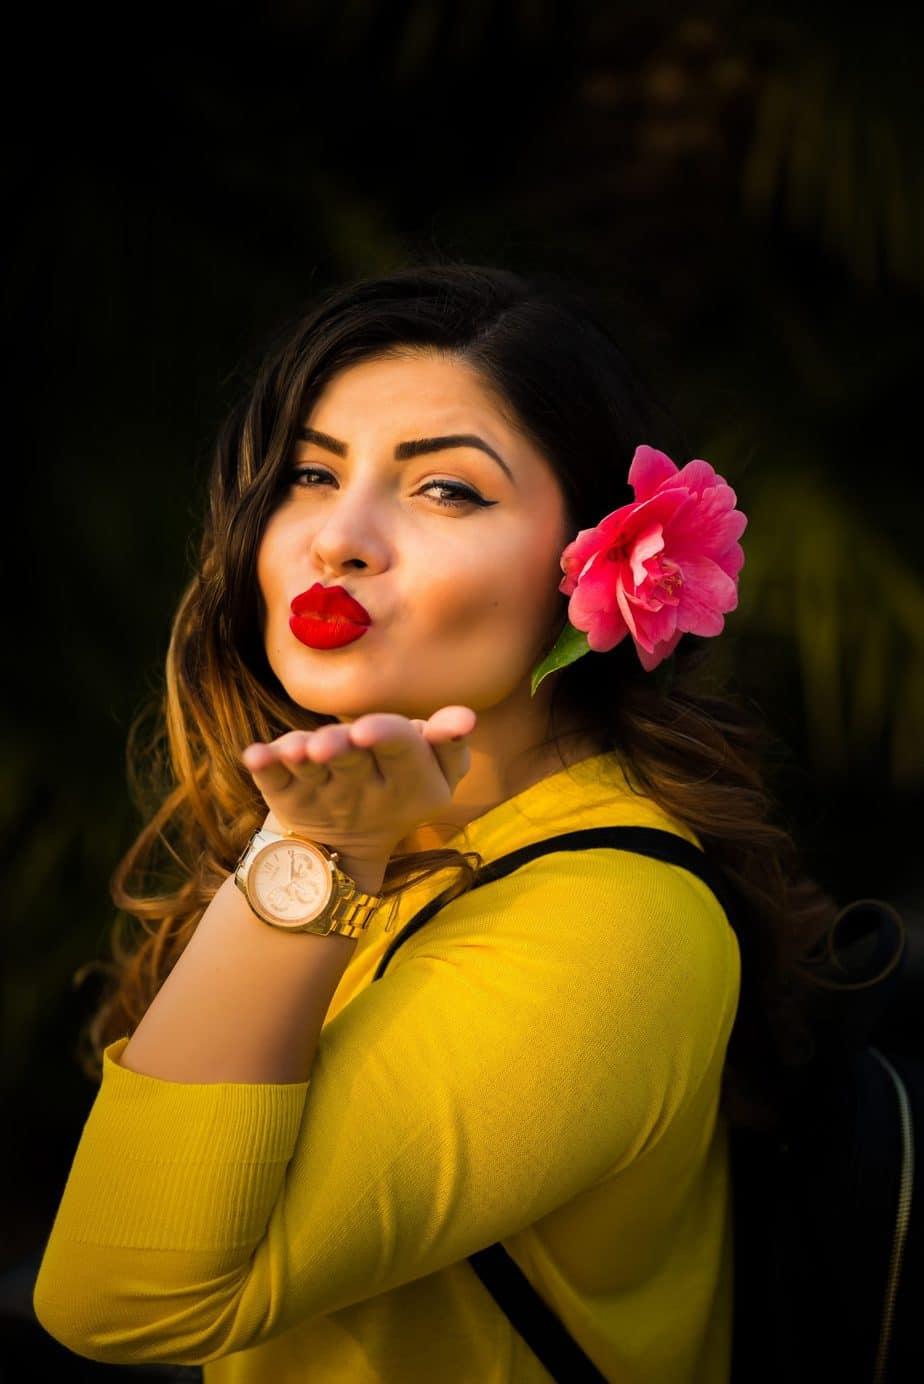 Mädchen okay mit dating, aber keine beziehung